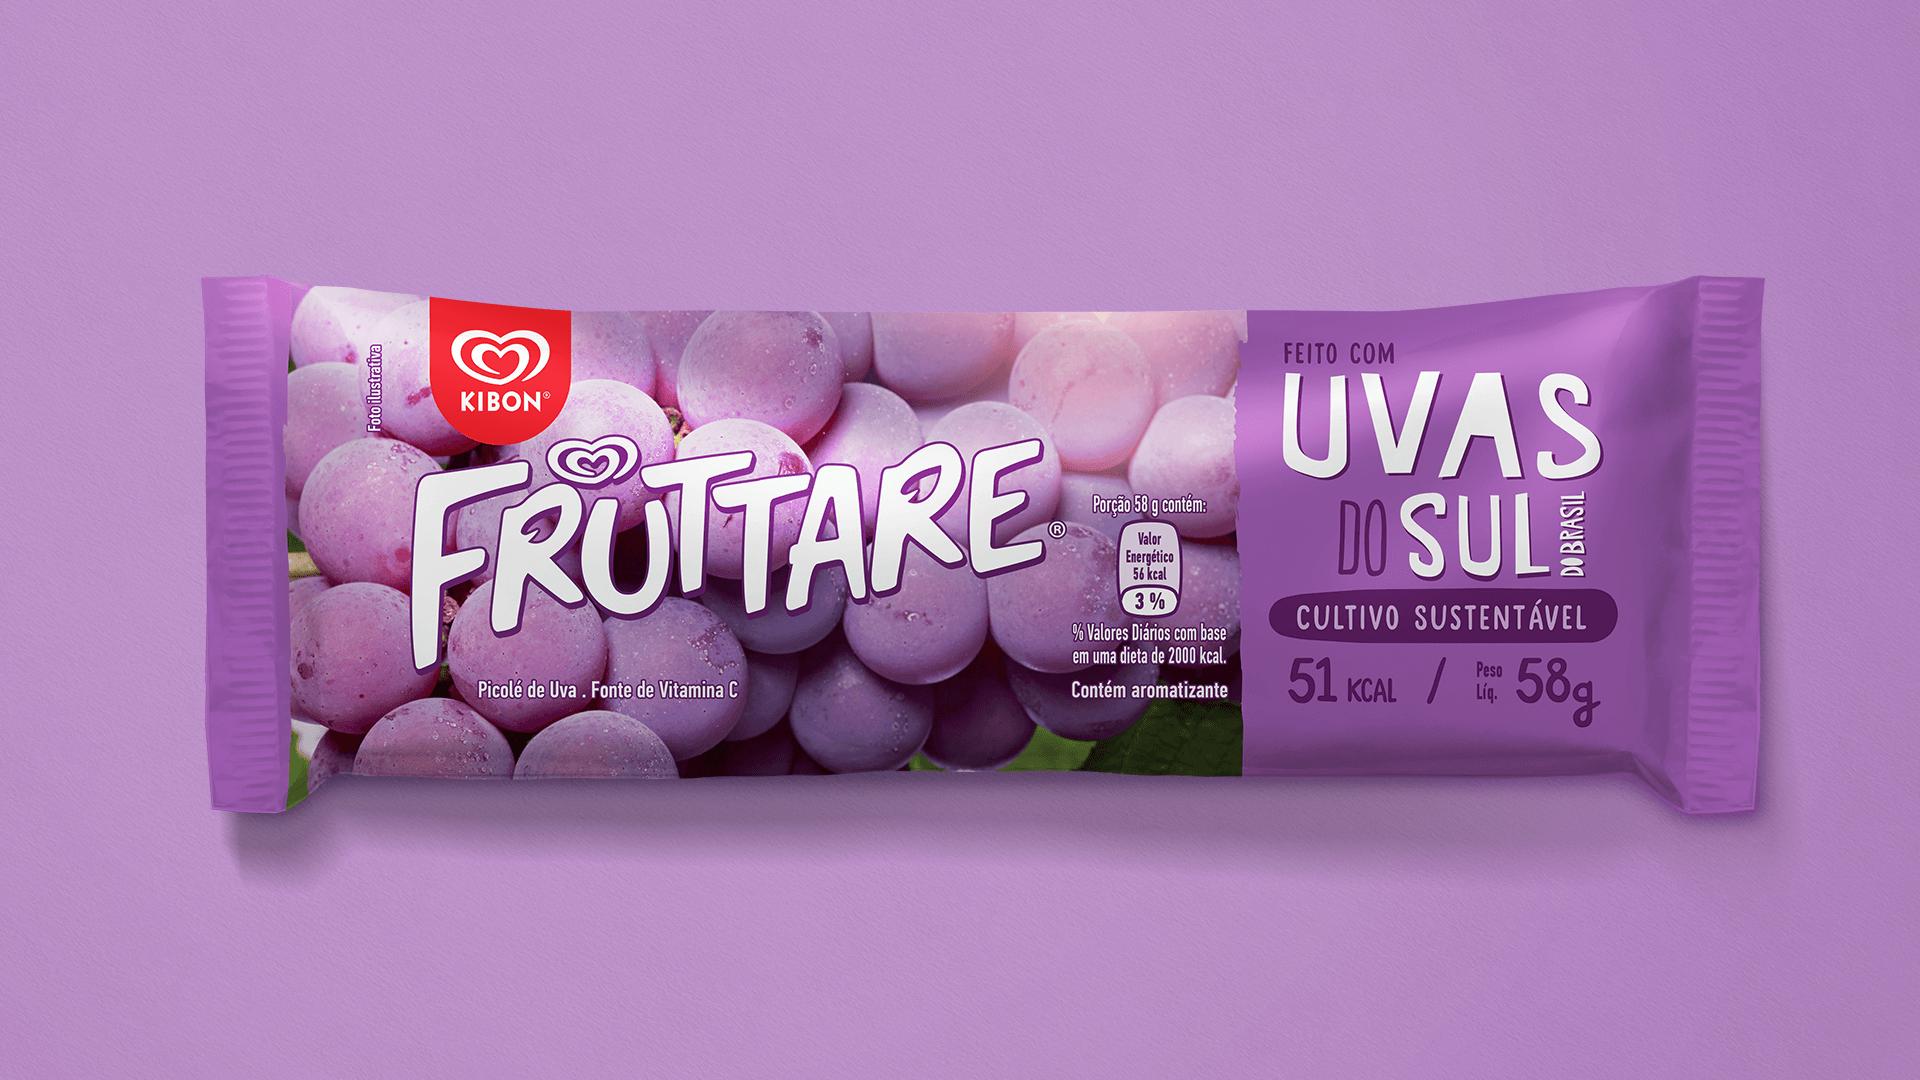 fruttare-uva